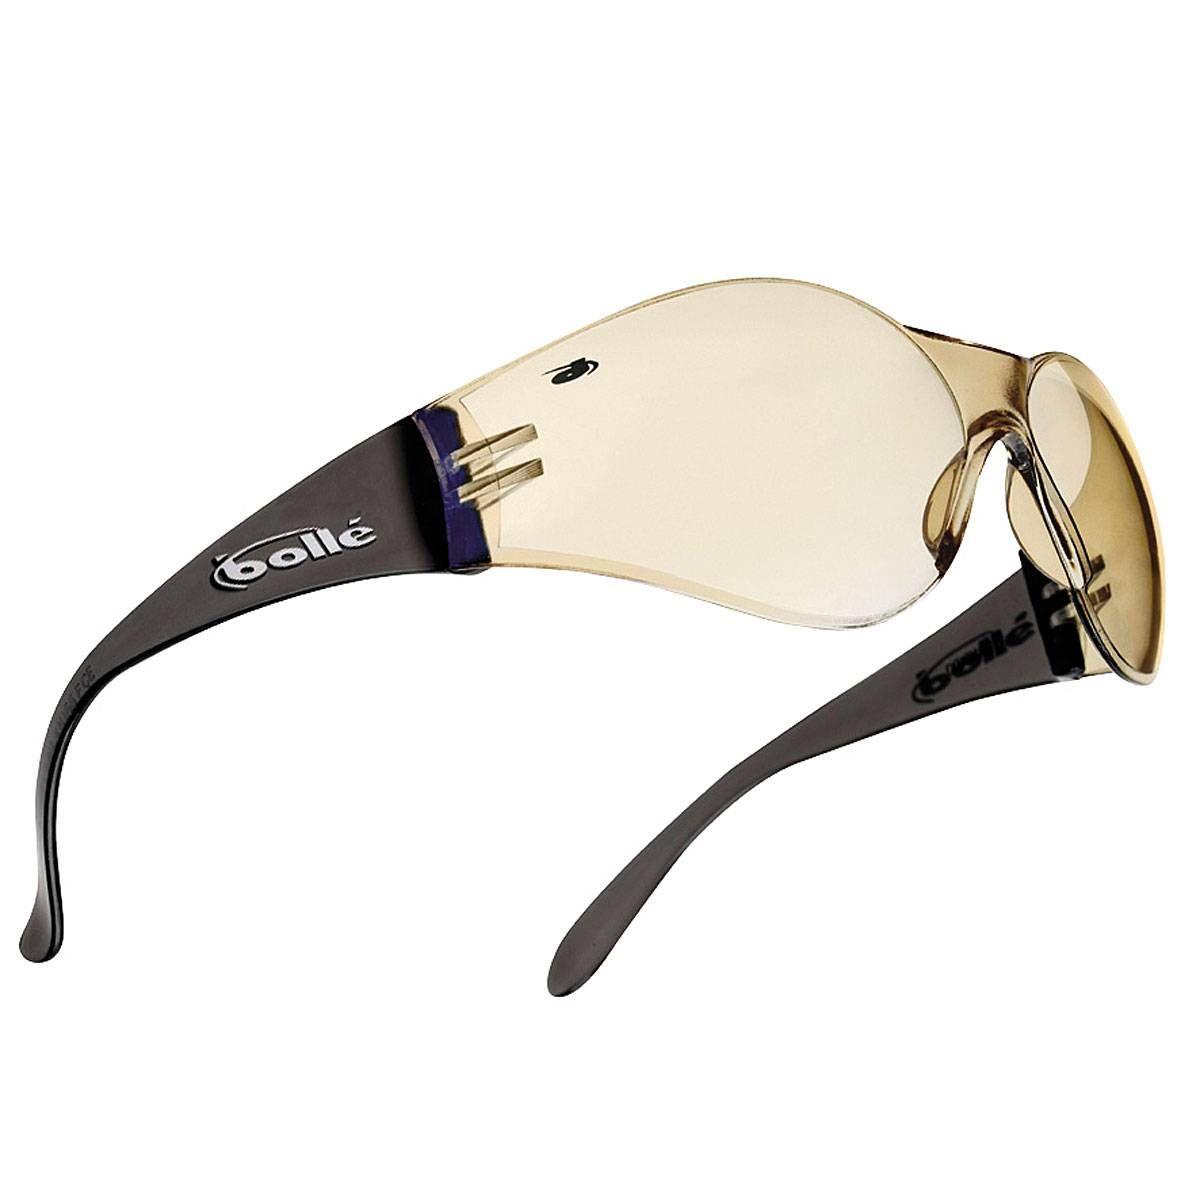 Gegen Kleininsekten In Den Augen Gegen Schmutzflug Durch Mountaibiken Ohne Schutzbleche Gegen Staub Usw Ist Diese Brille In 2020 Bundeswehr Shop Brille Schutzbrille